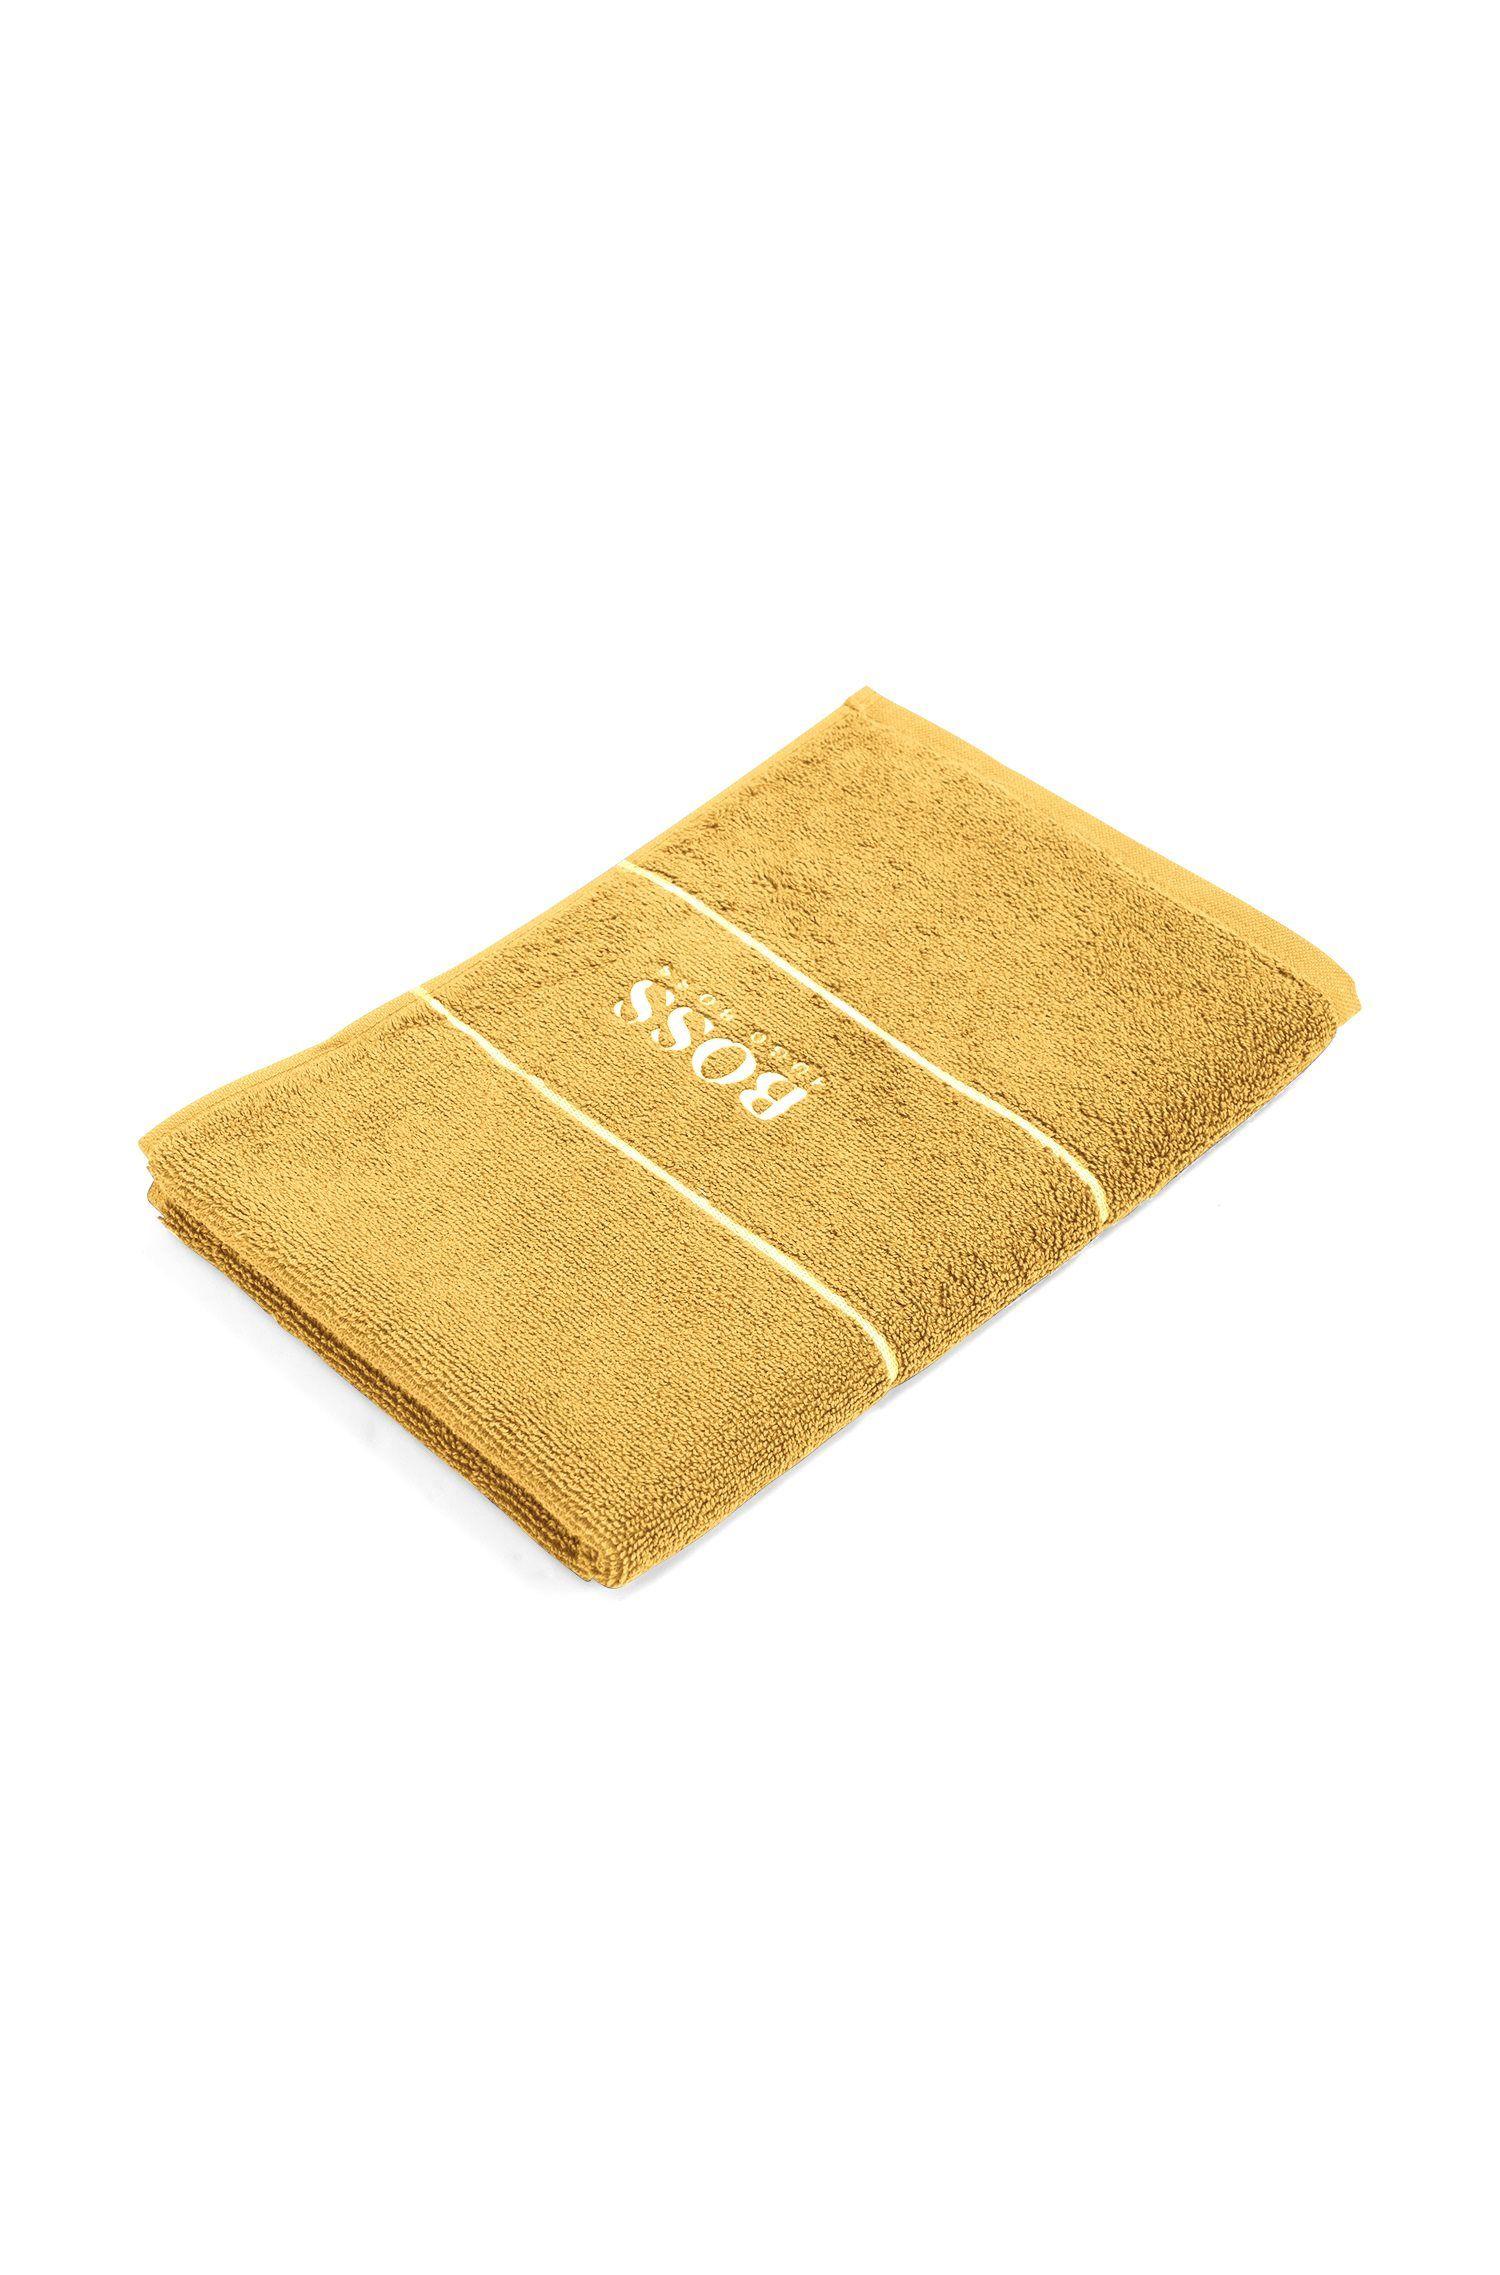 Serviette de toilette pour invité en coton égyptien des plus raffinés avec bordure logo, Or